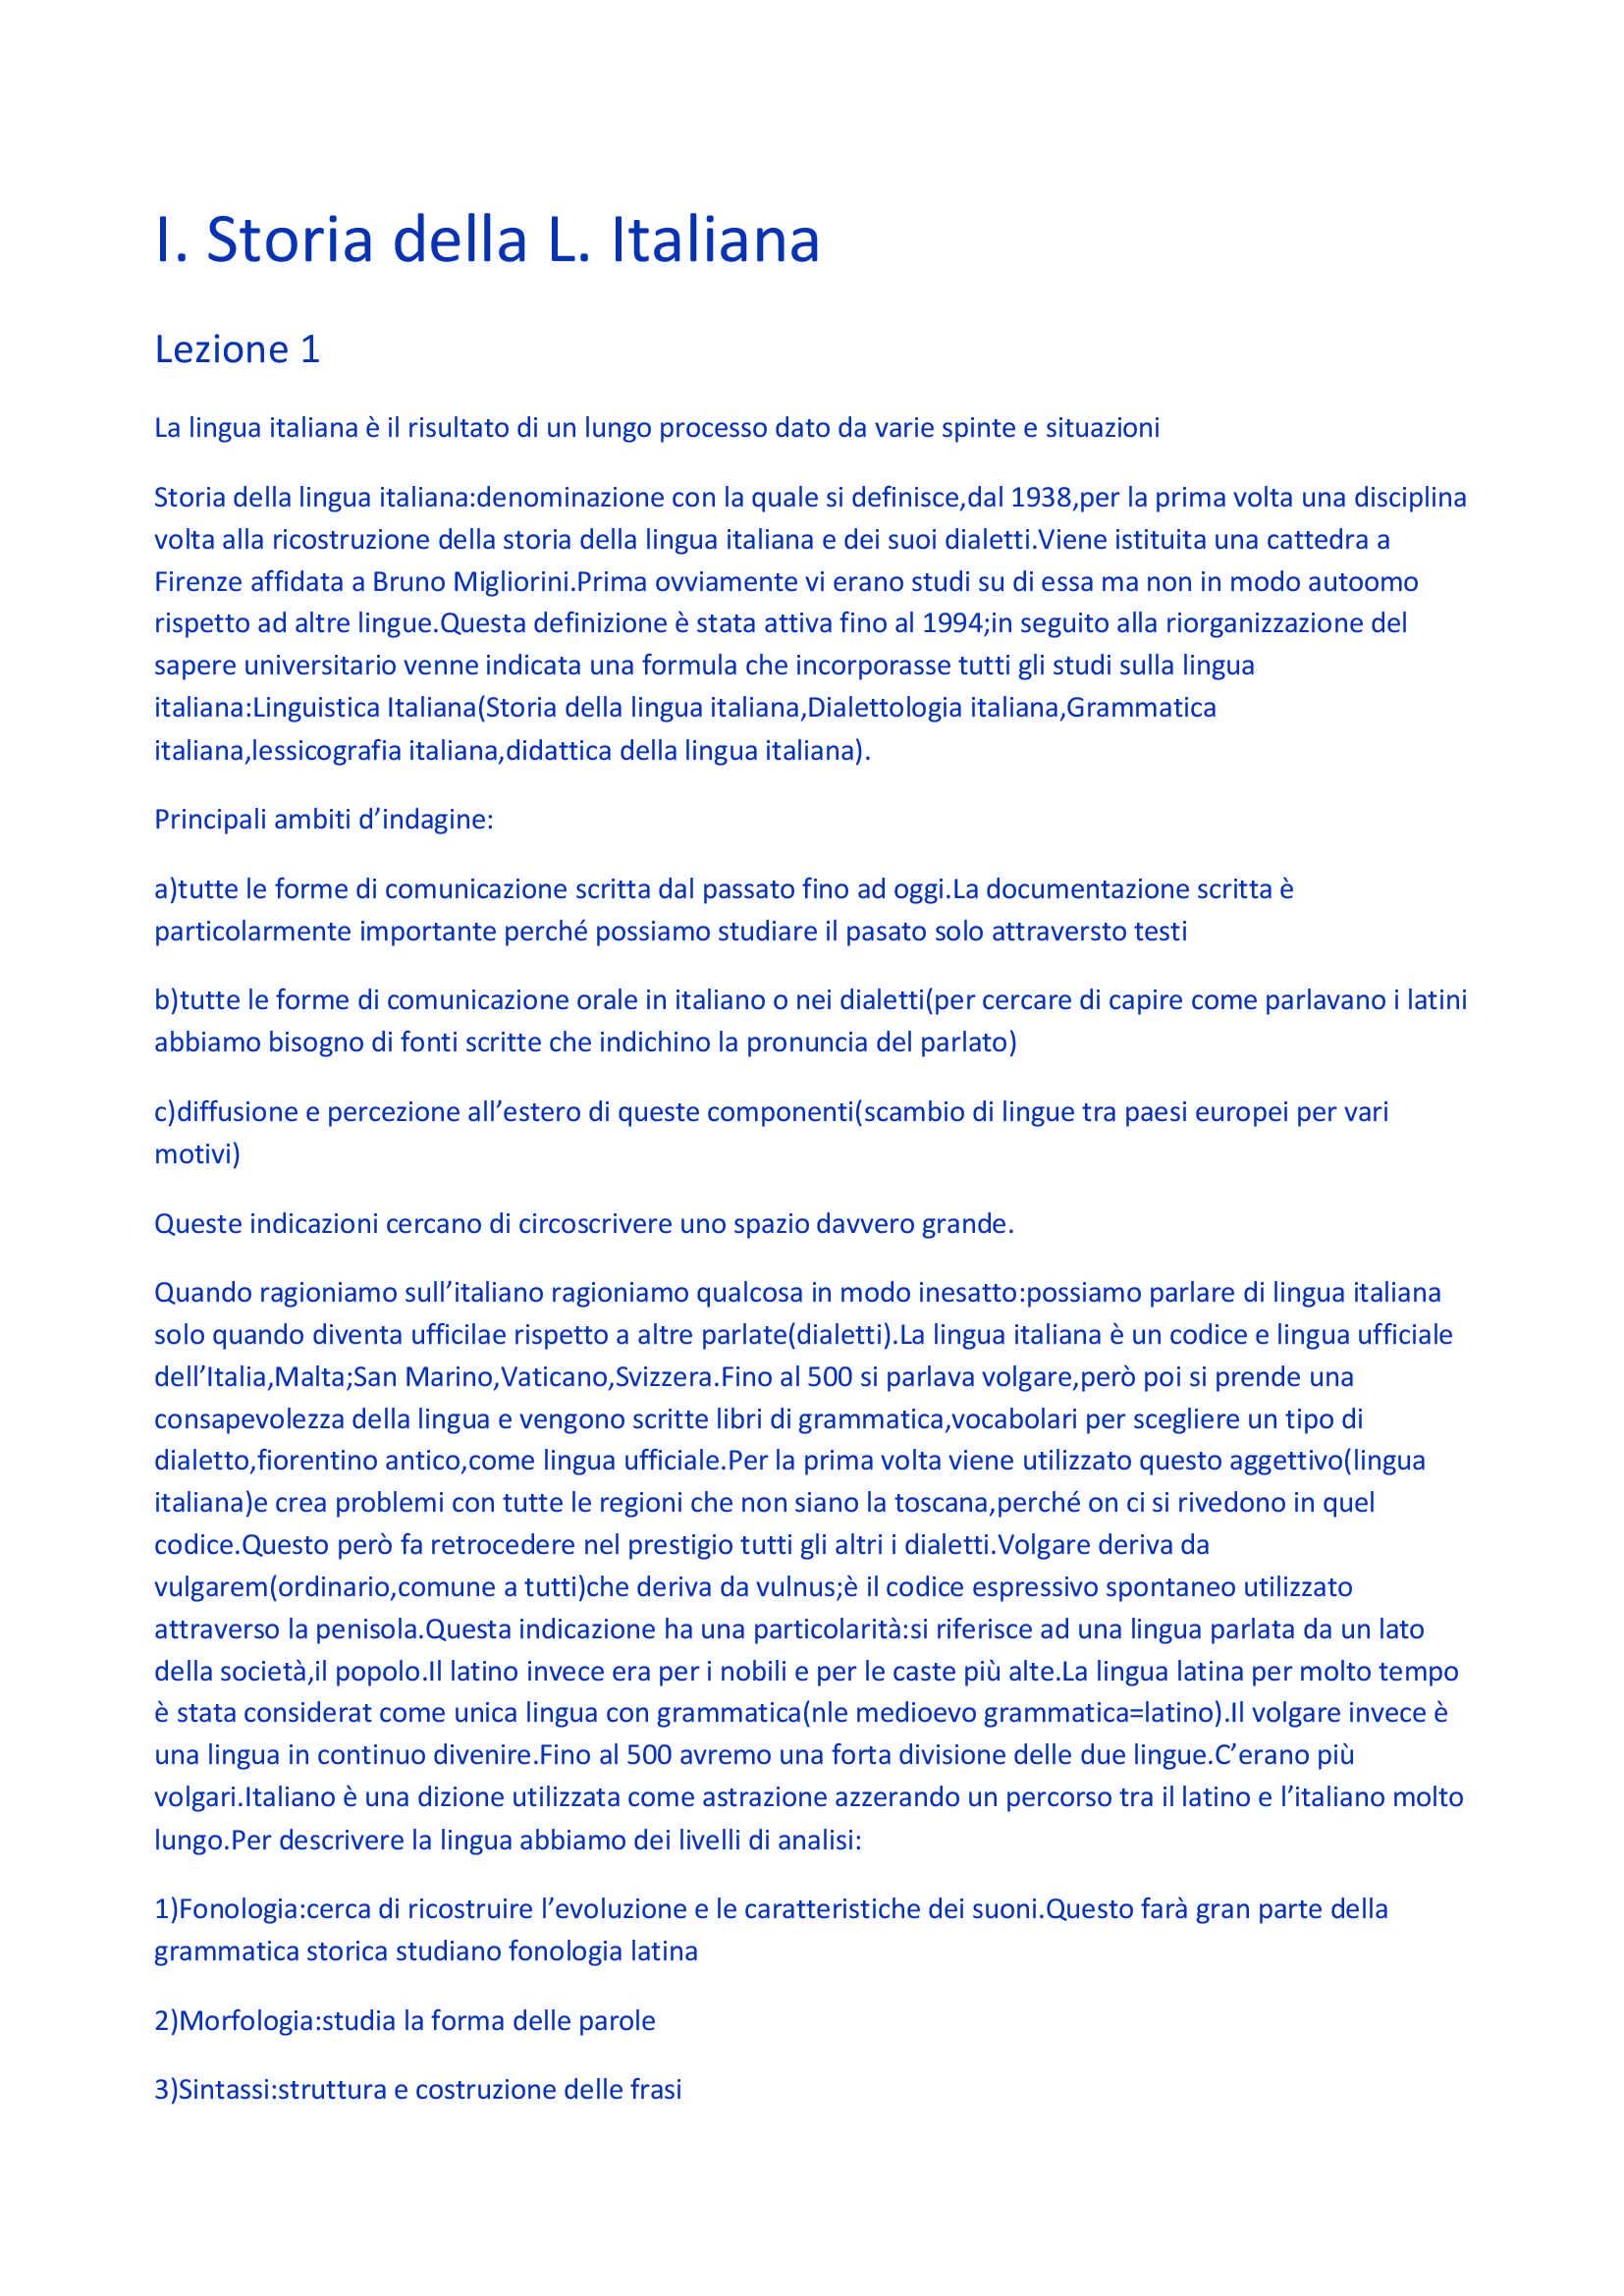 Appunti personali delle lezioni del Professor Motolese